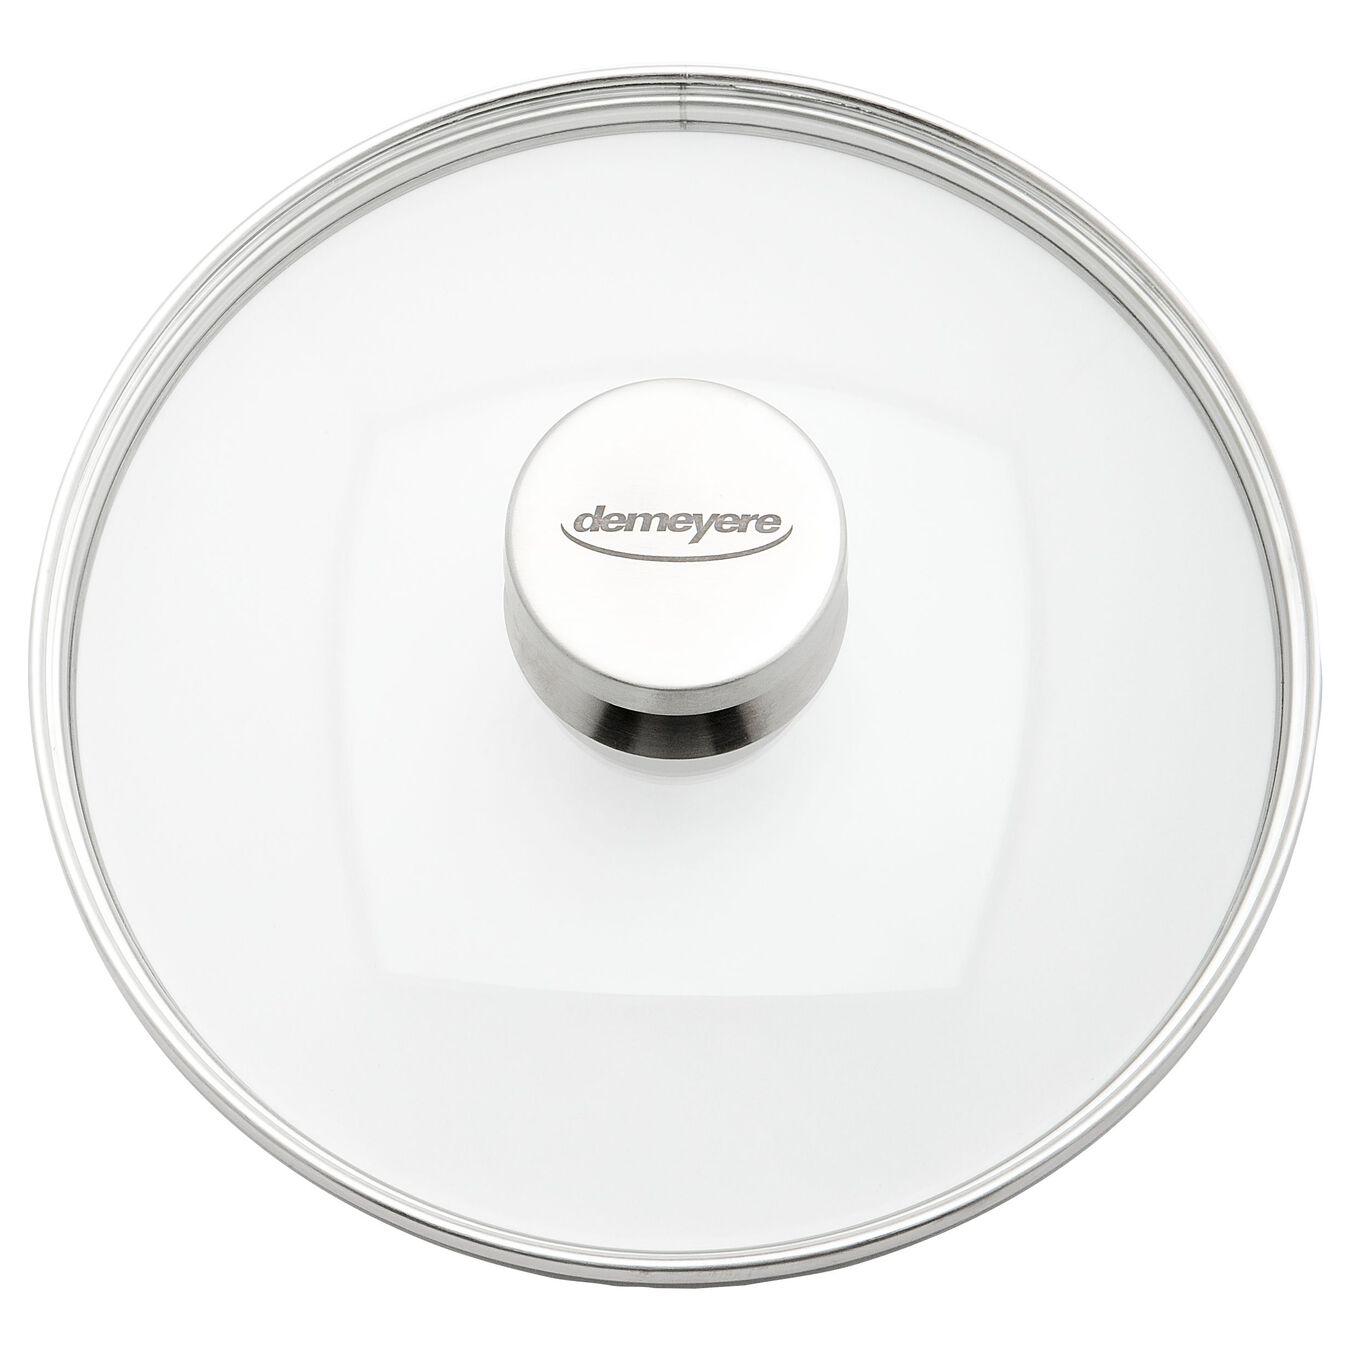 Coperchio - 24 cm, vetro,,large 2